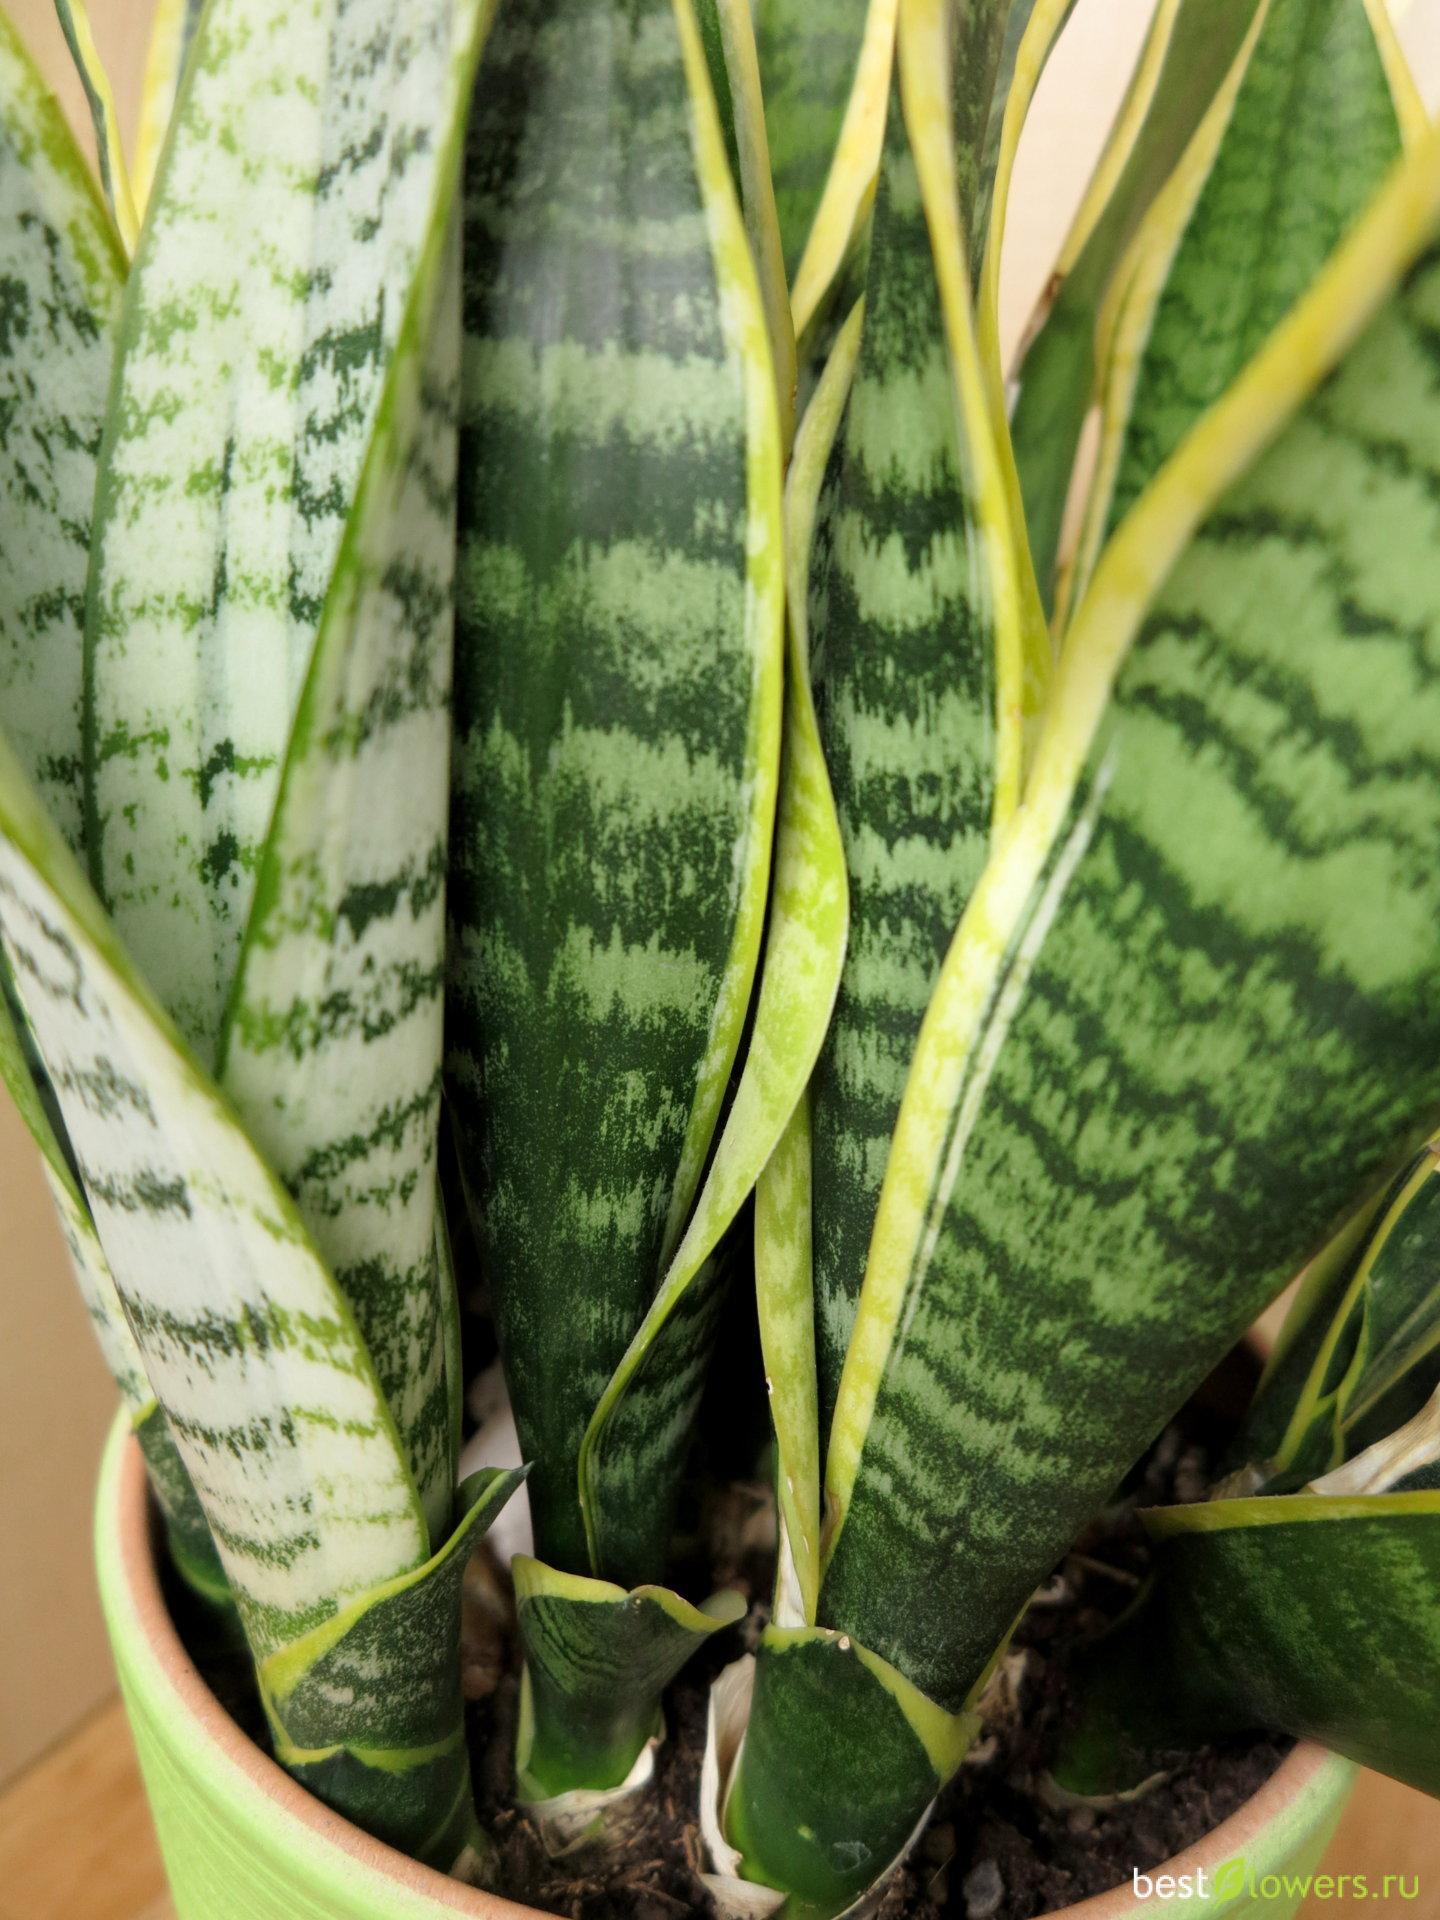 щукин хвост цветок фото всяких микроволновок